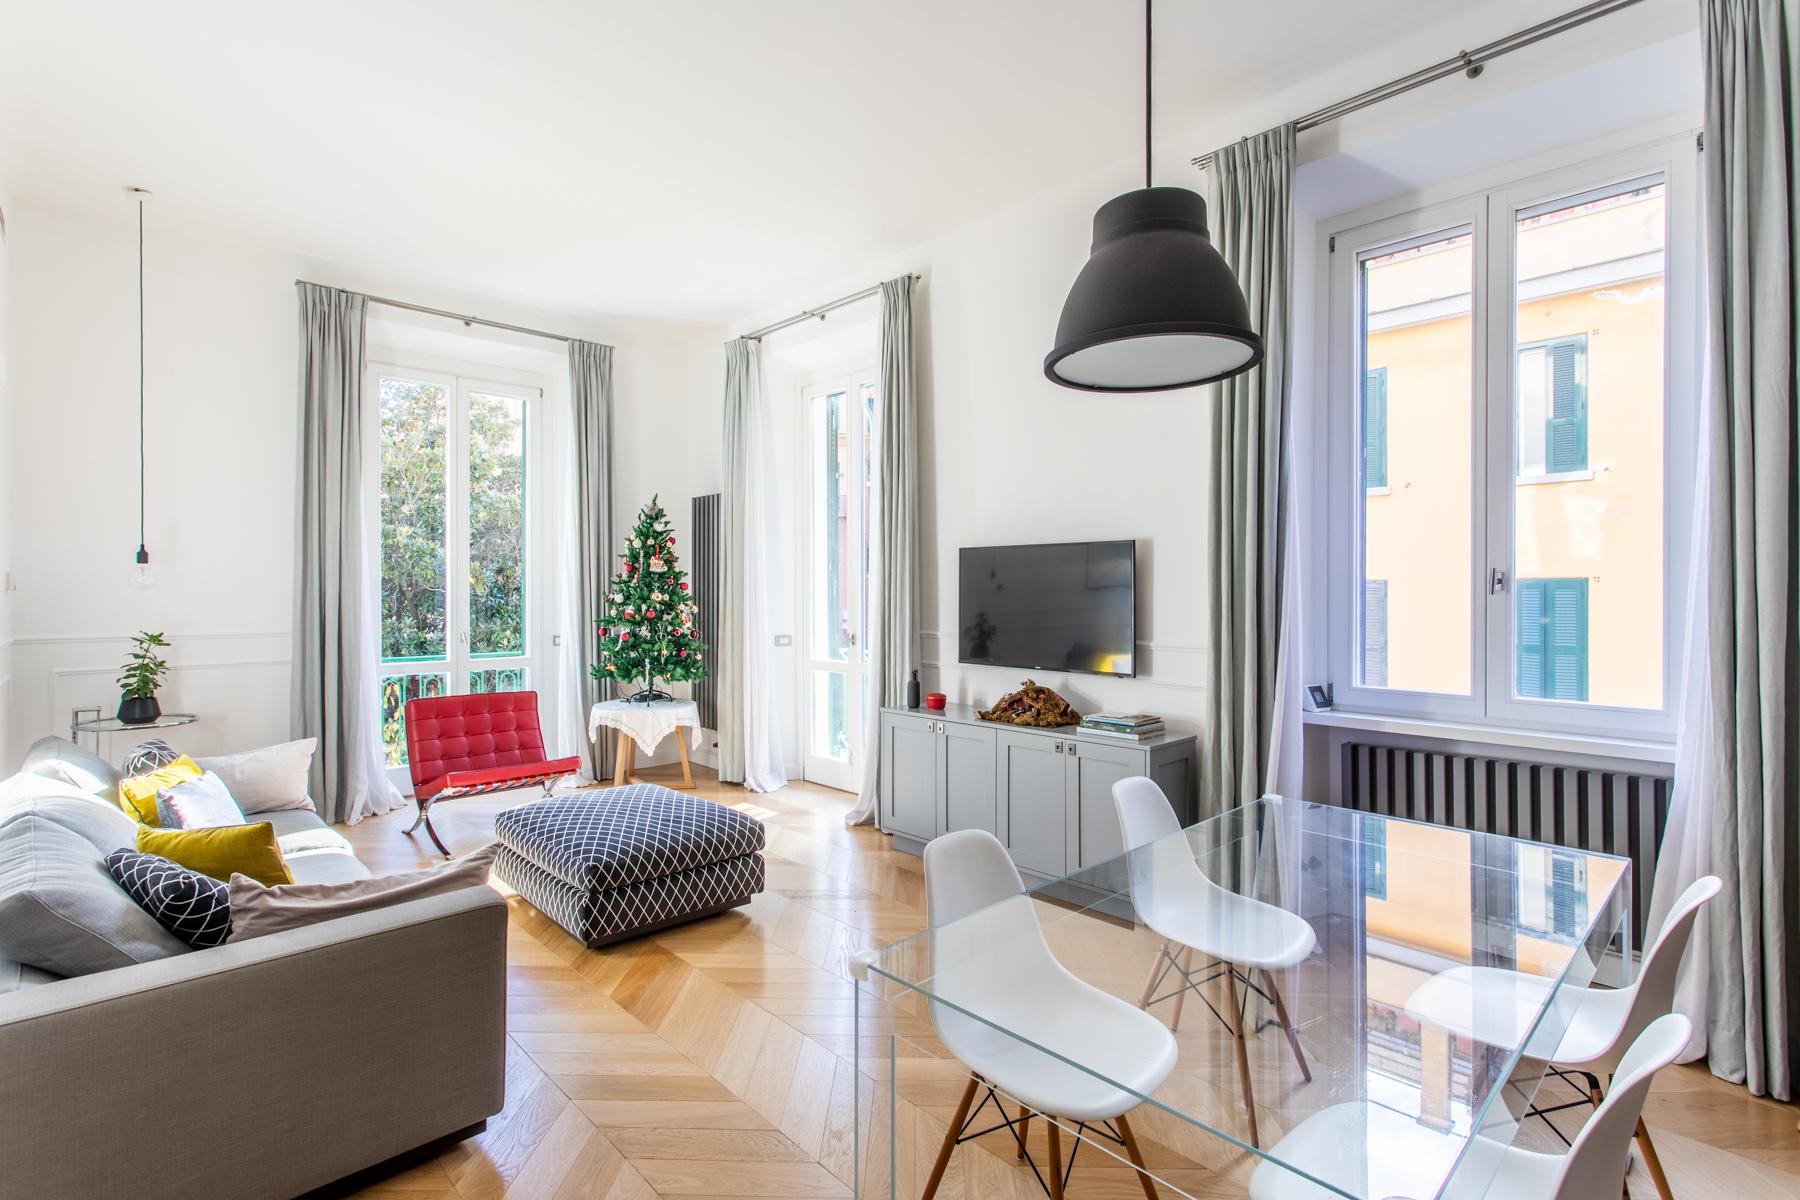 Appartamento in Vendita a Roma 02 Parioli / Pinciano / Flaminio: 5 locali, 132 mq